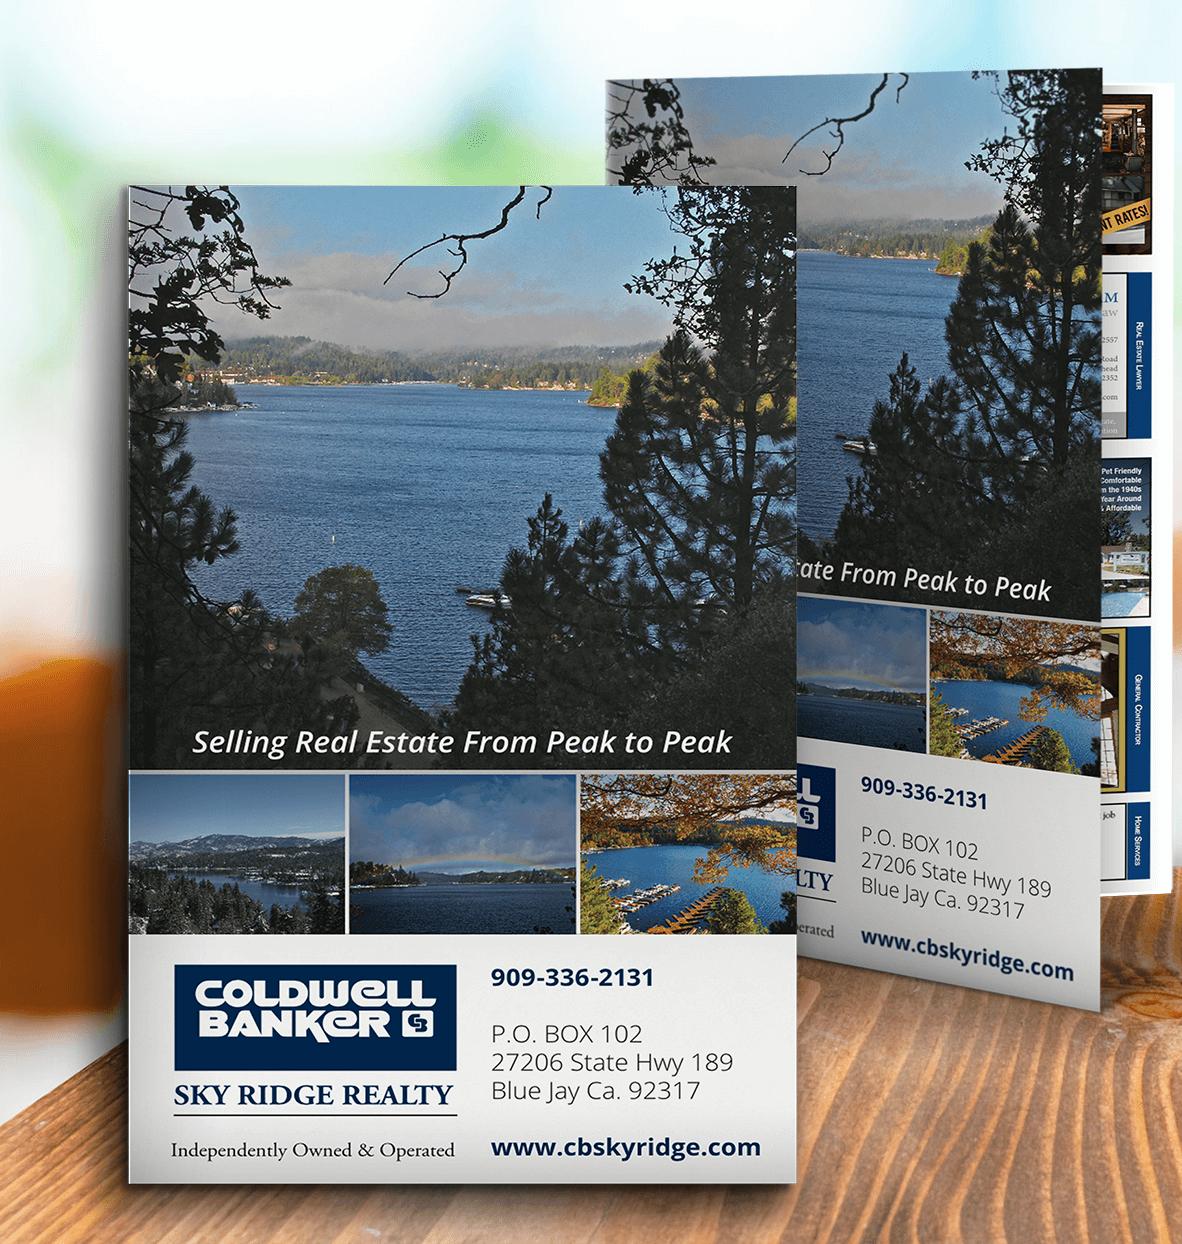 Coldwell Banker Folder